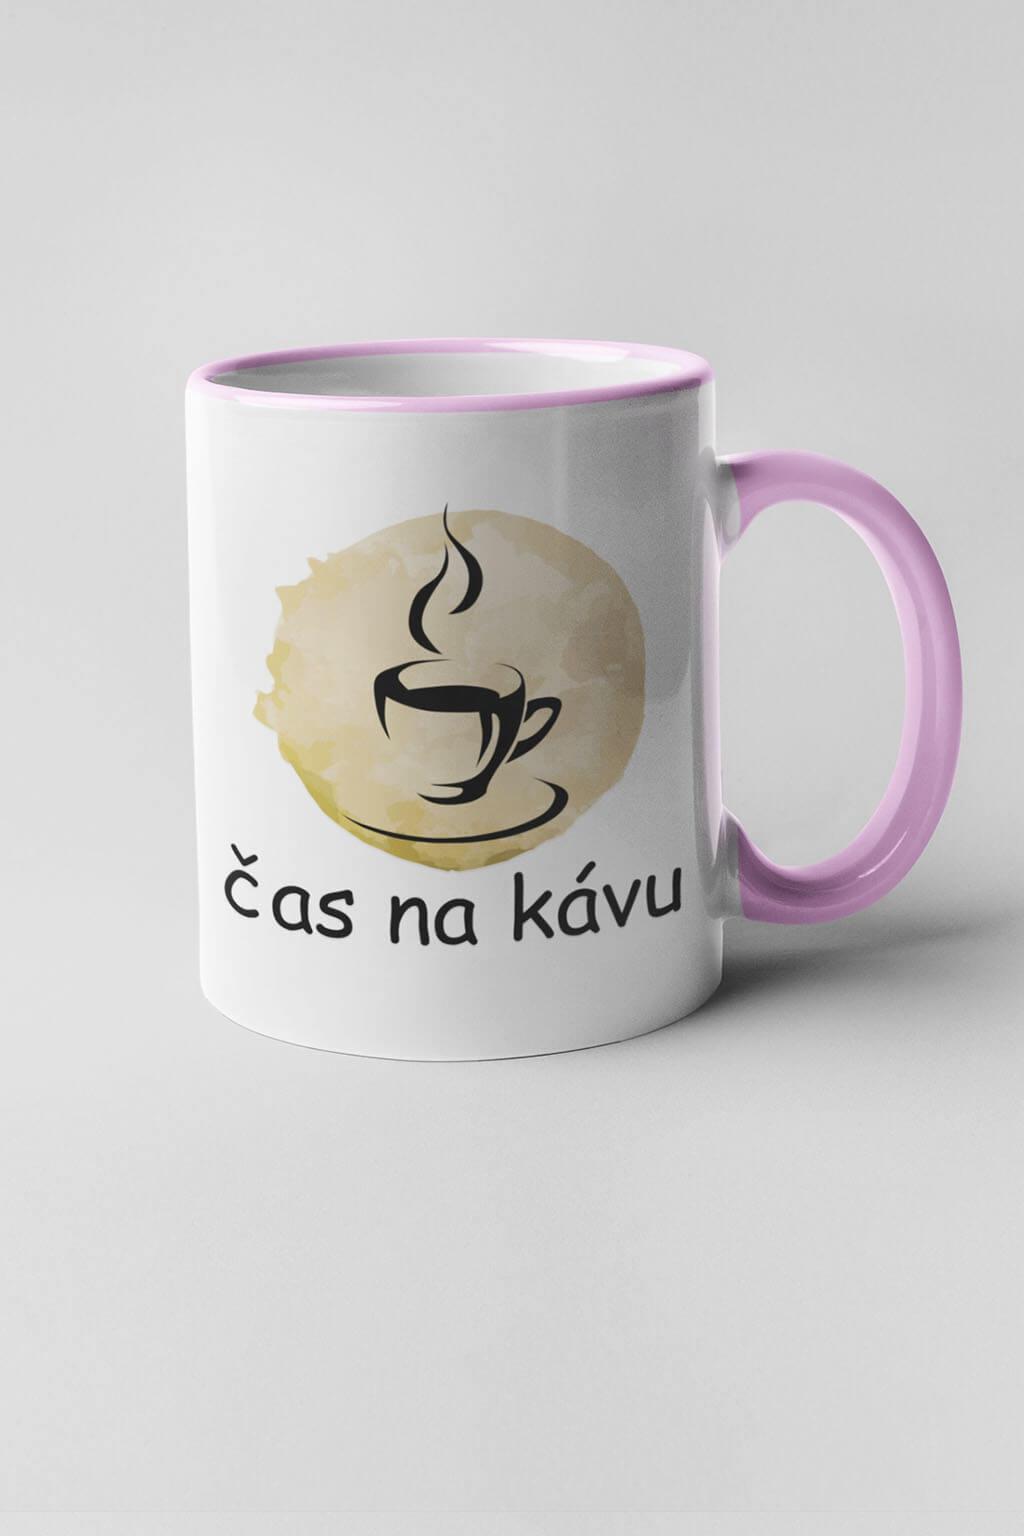 MMO Šálka čas na kávu Farba šálky: Ružová